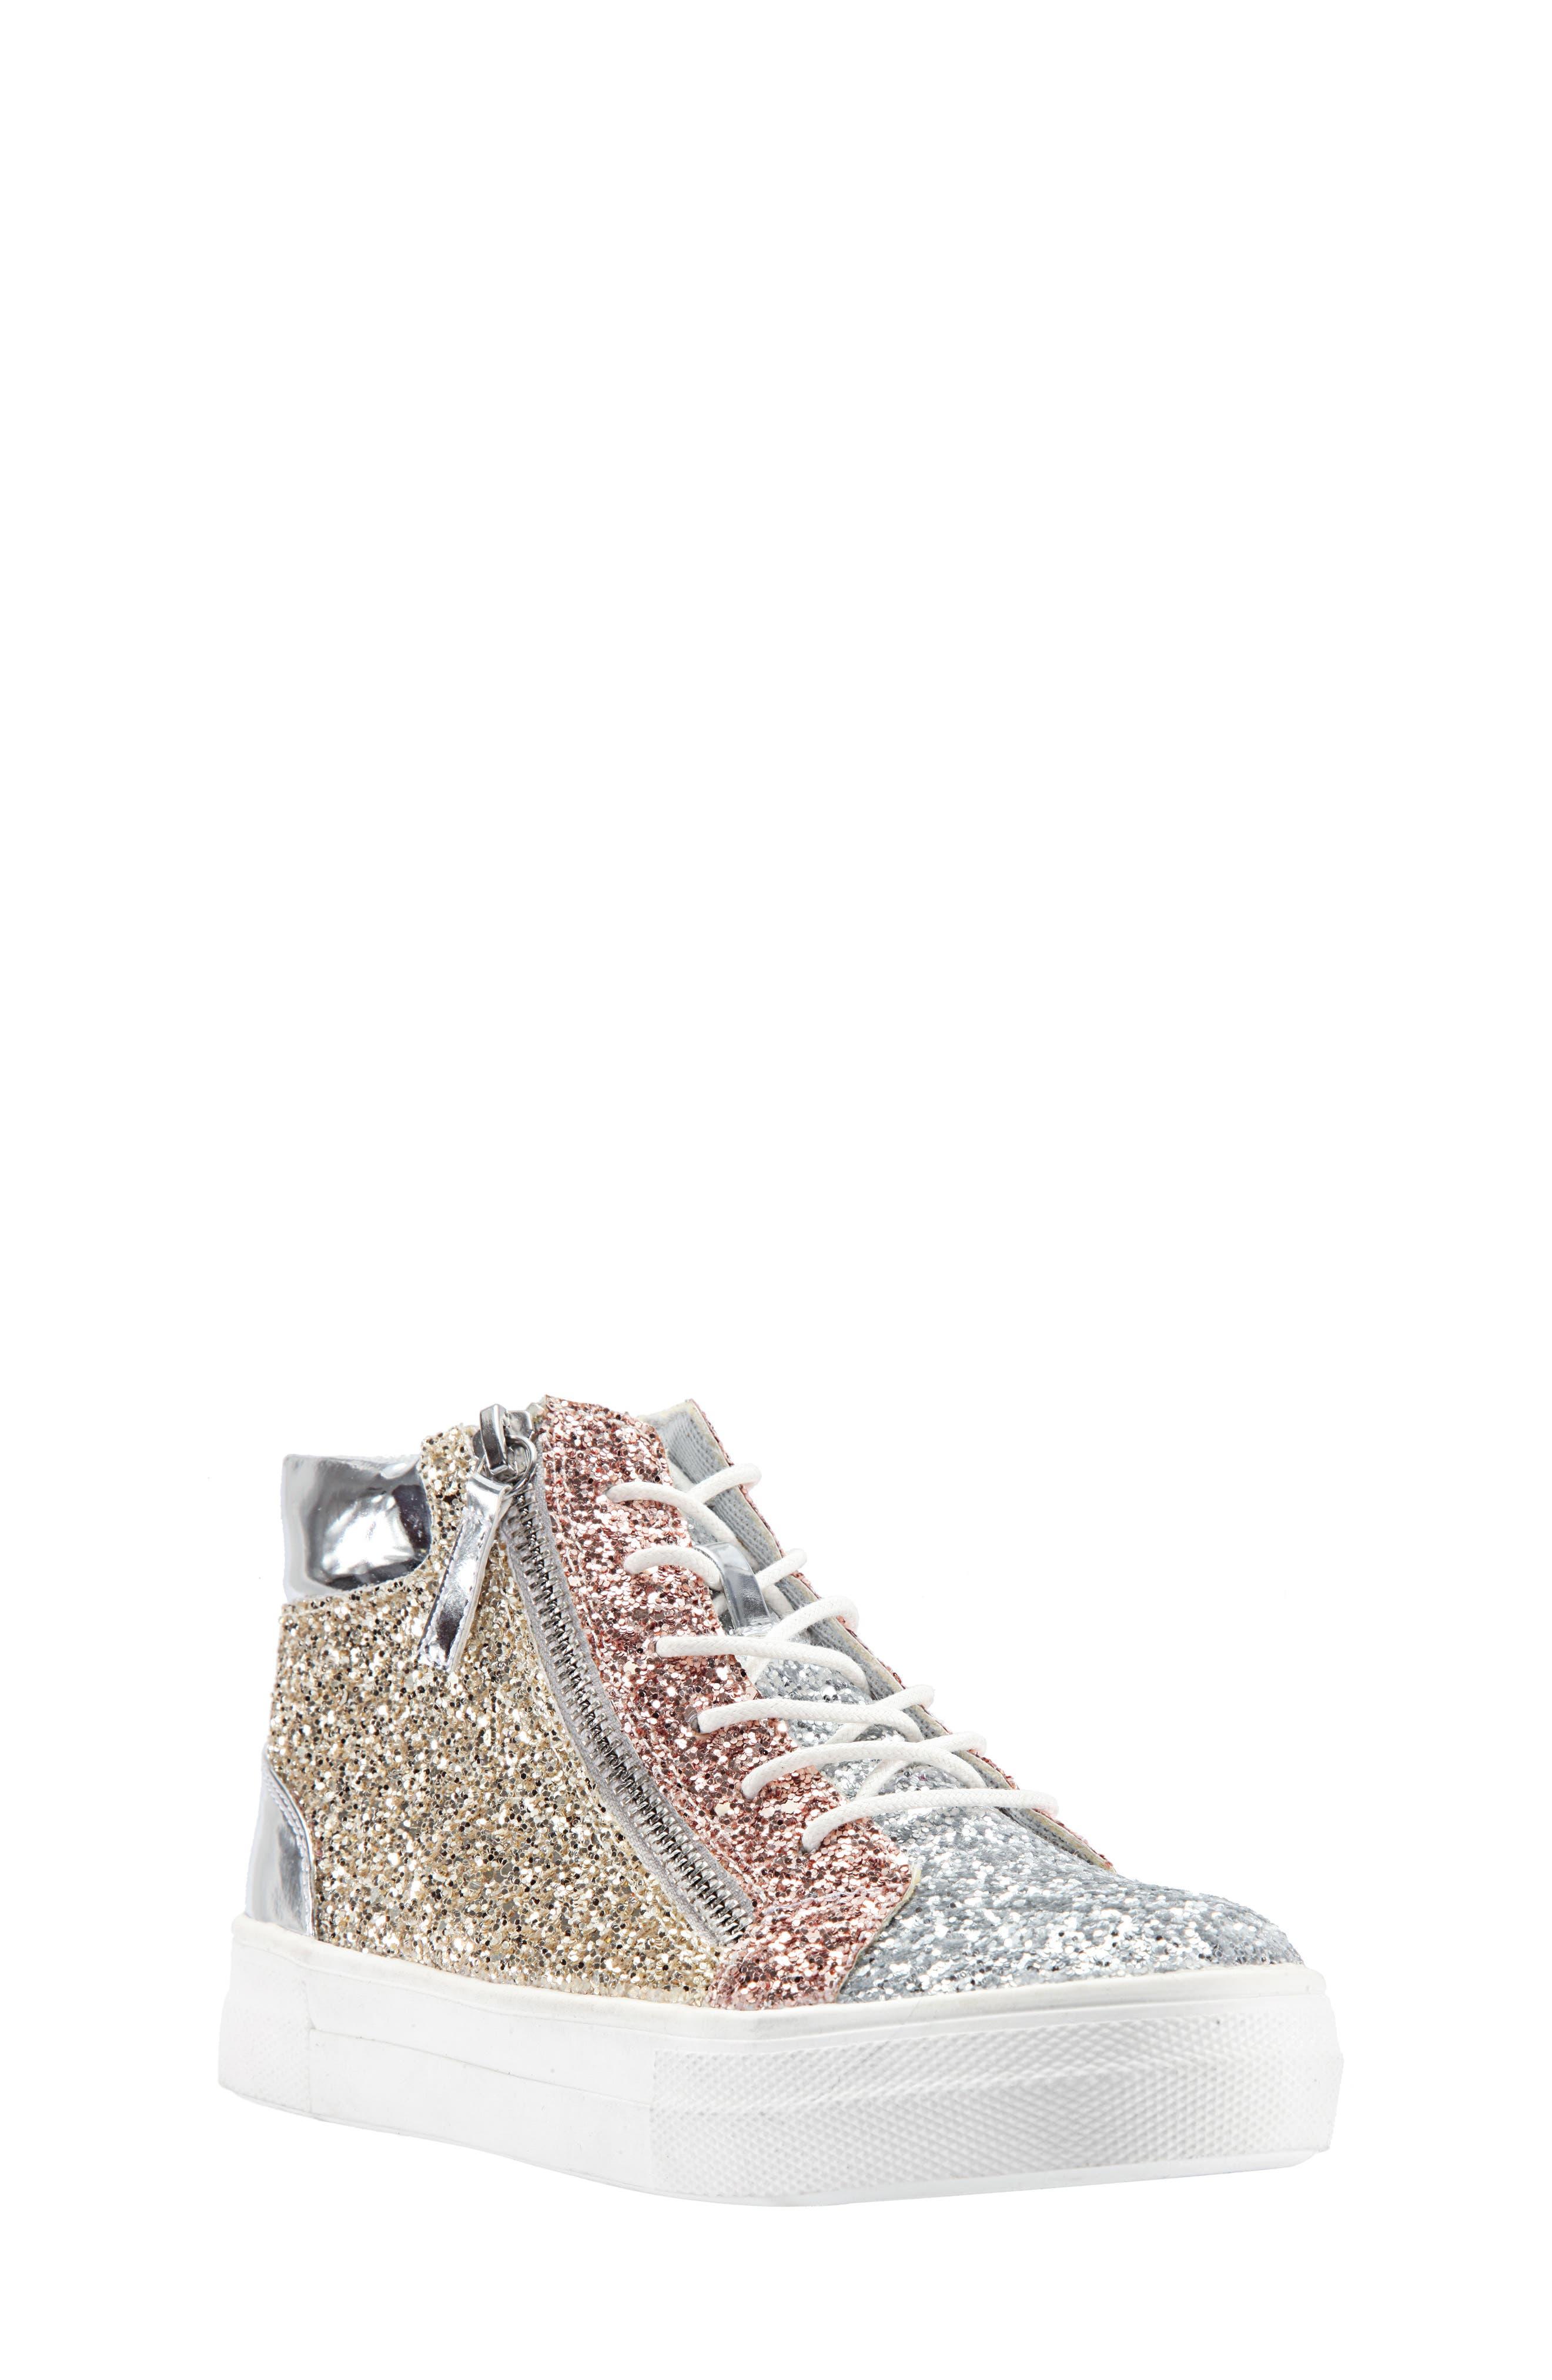 Hylda Glitter High Top Sneaker,                         Main,                         color, SILVER MULTI GLITTER/ PATENT